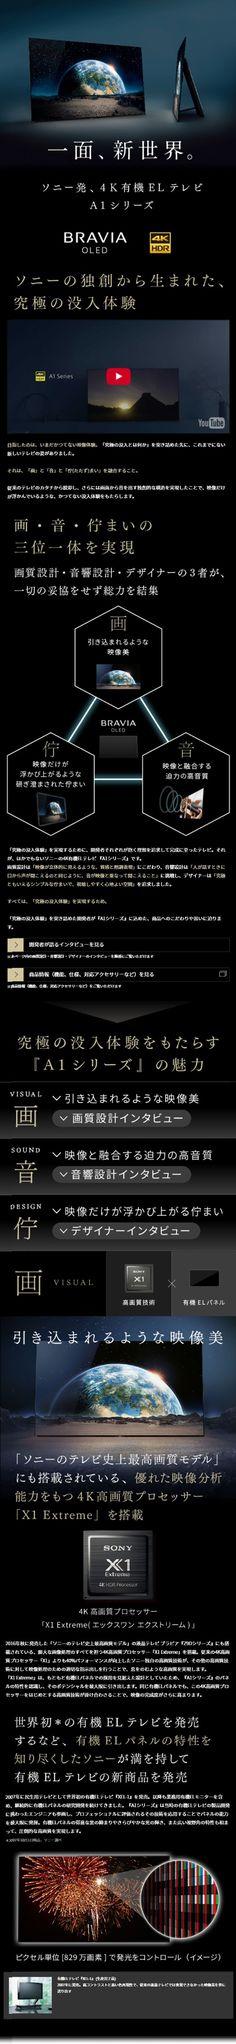 4K有機ELテレビ『A1シリーズ』スペシャルコンテンツ WEBデザイナーさん必見!スマホランディングページのデザイン参考に(キレイ系)